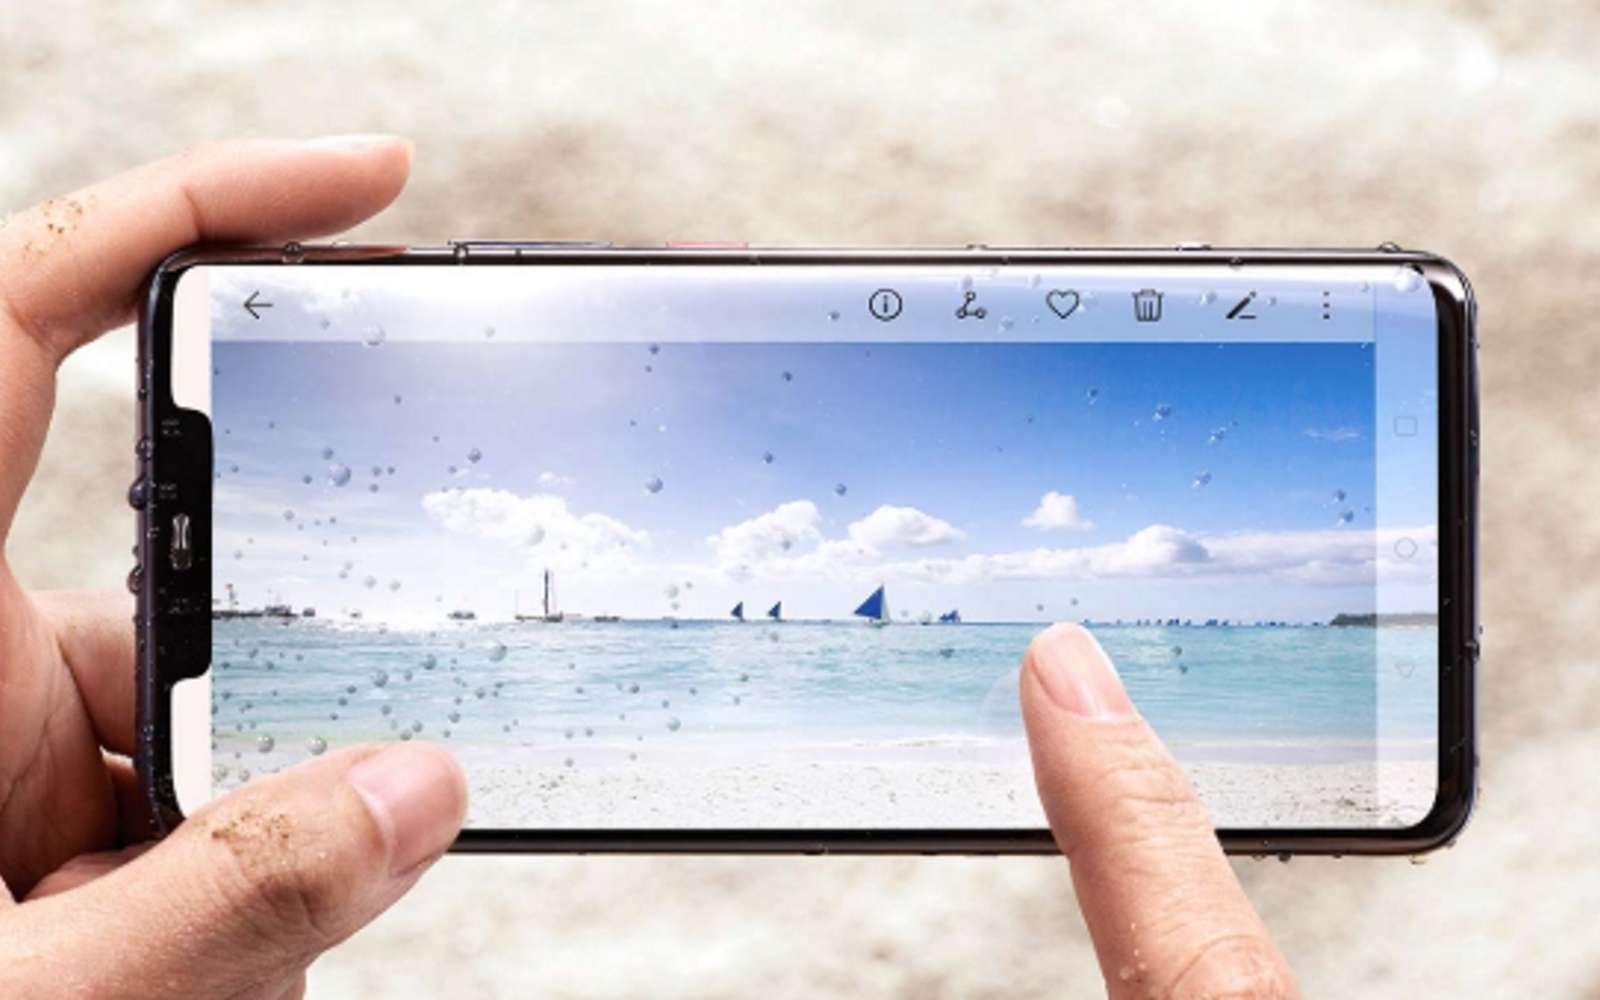 Une brute de puissance, trois capteurs photo, un système de reconnaissance faciale 3D et un capteur d'empreinte digitale dans l'écran. Le Huawei Mate 20 Pro cumule les innovations technologiques. © Huawei